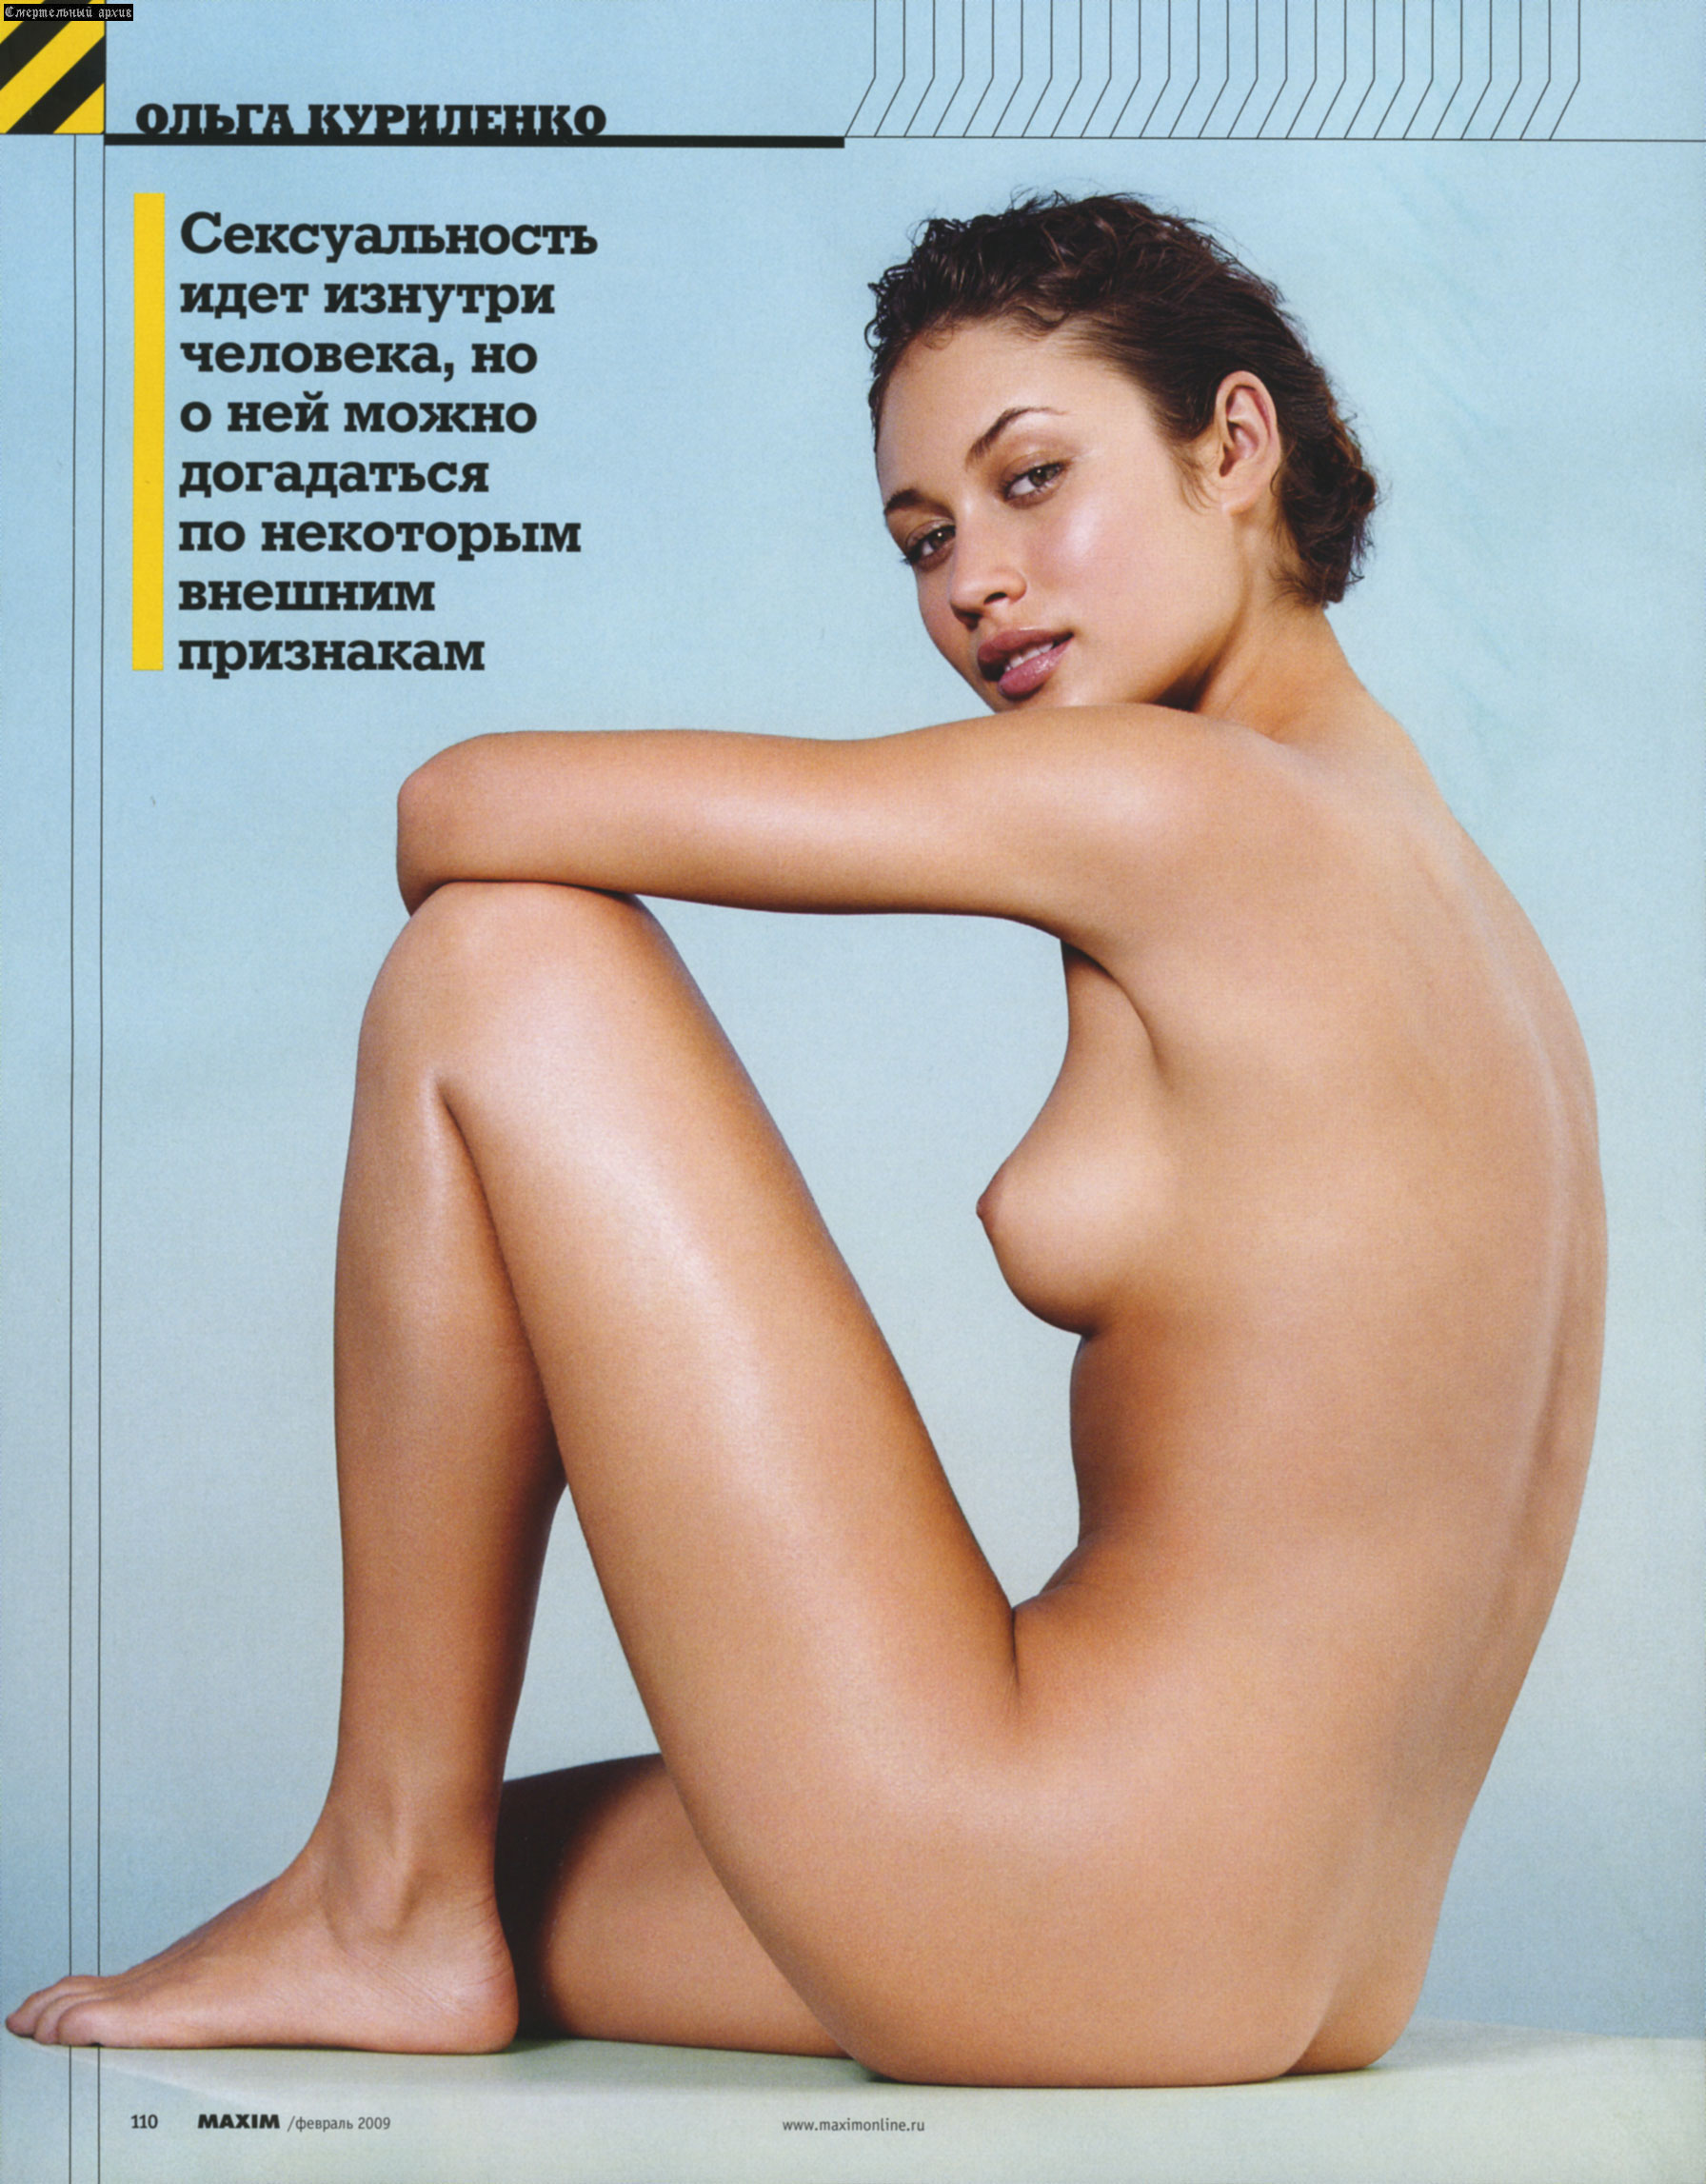 Фамилии украинские порно актрисы 13 фотография